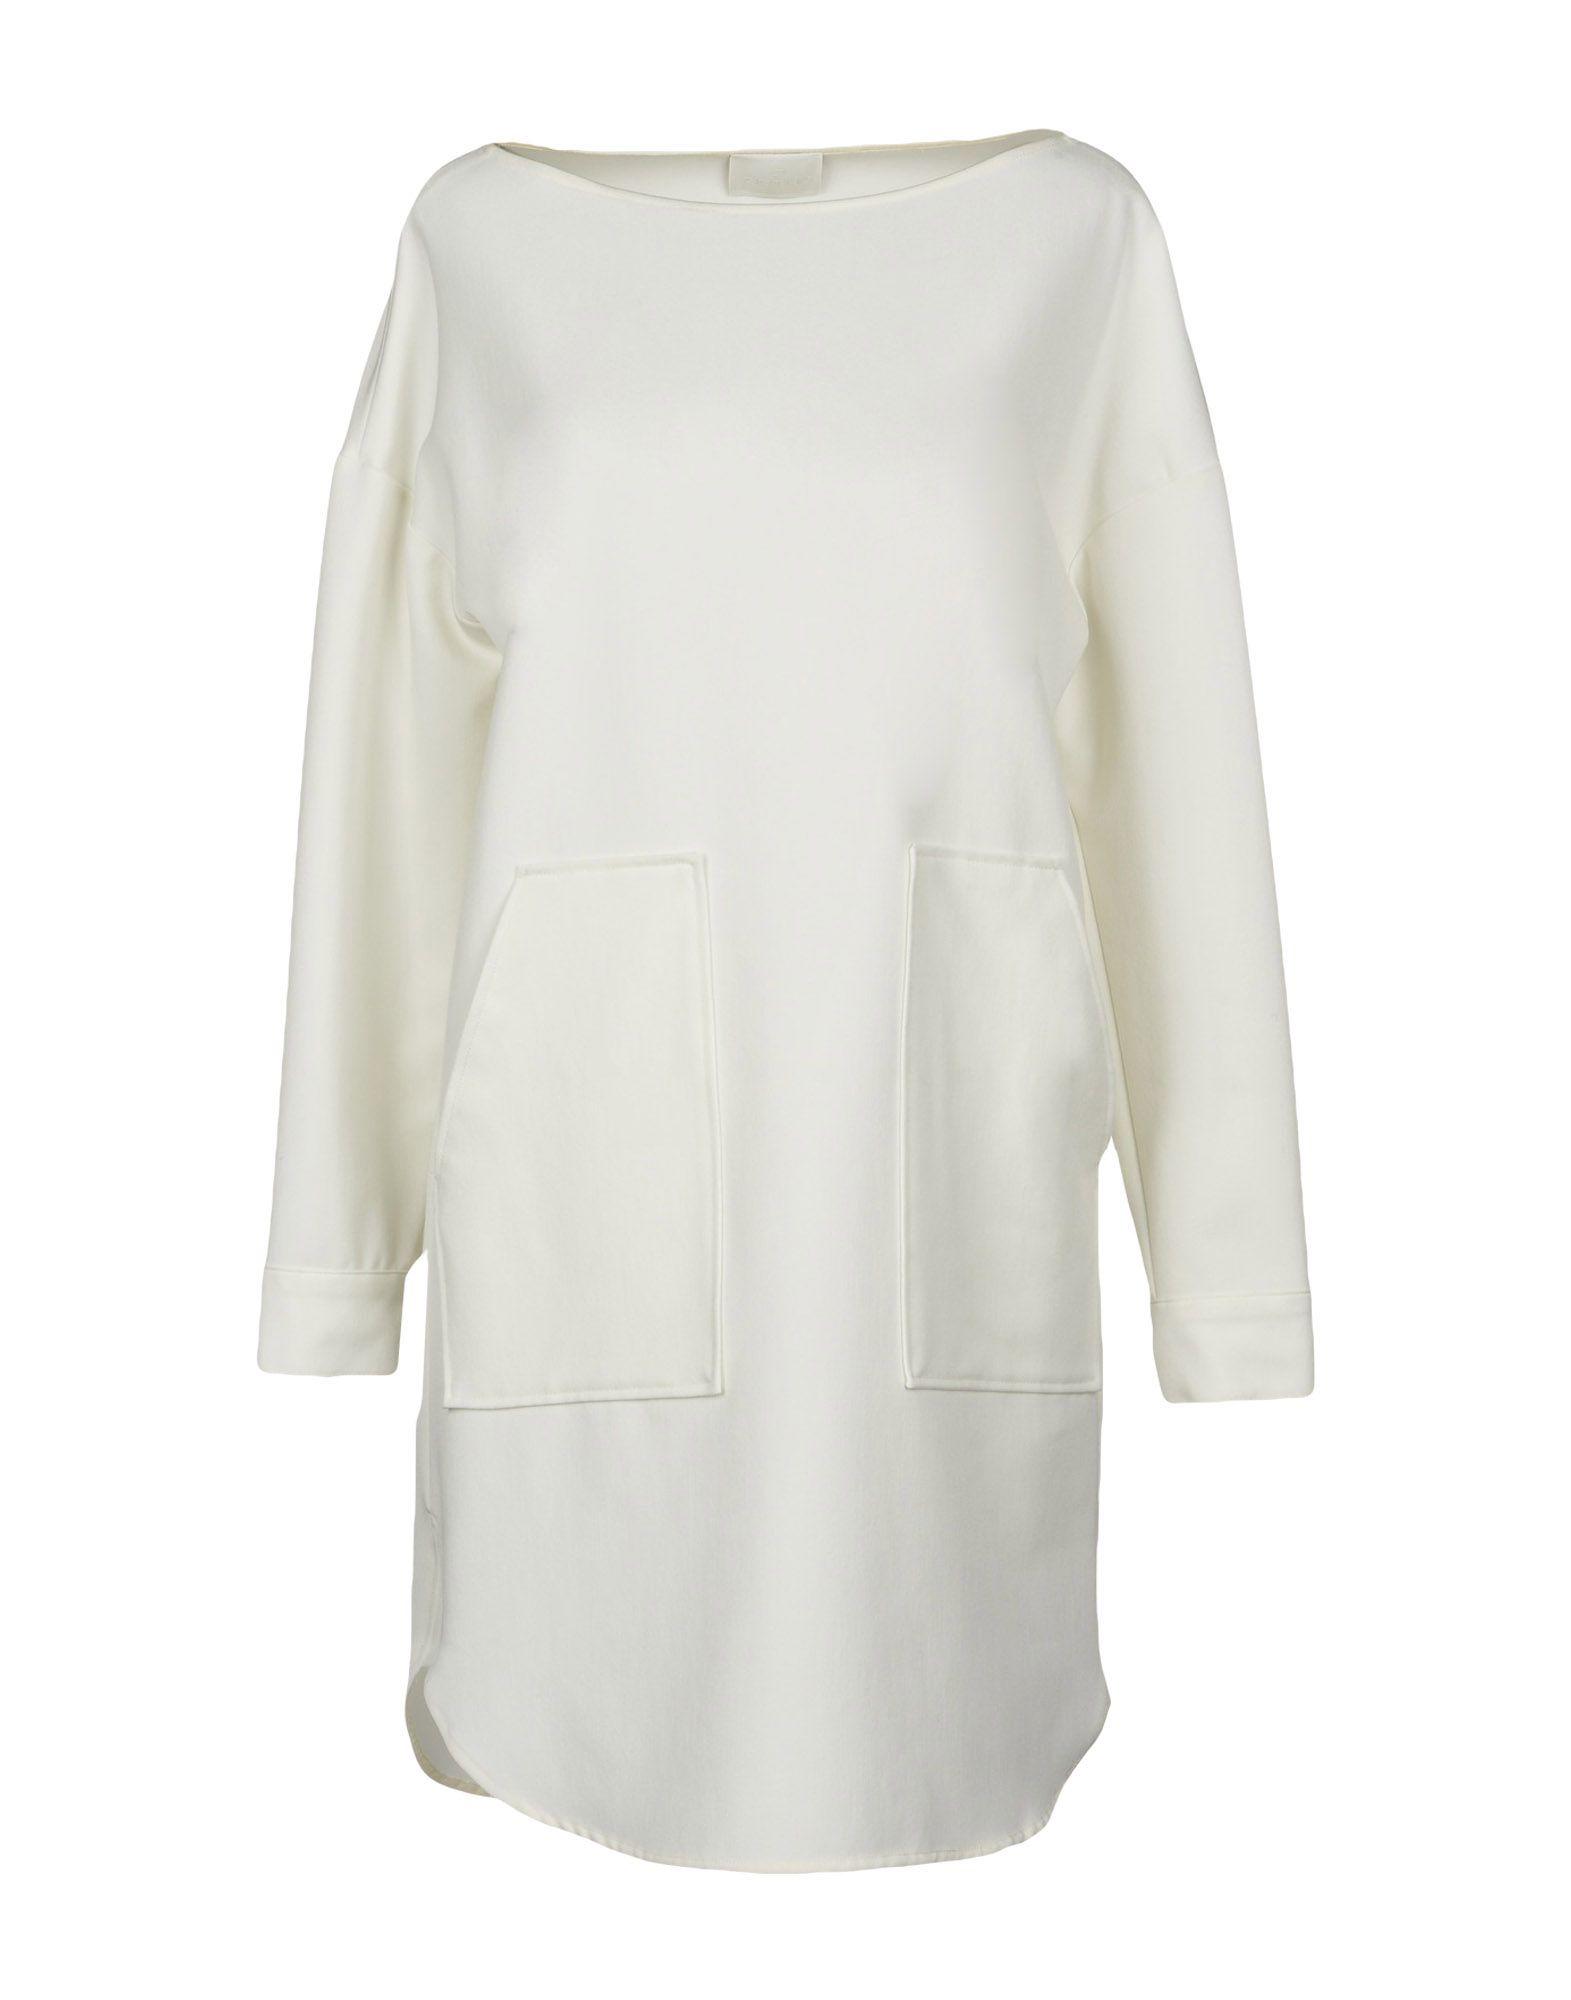 GOTHA Knee-Length Dress in White